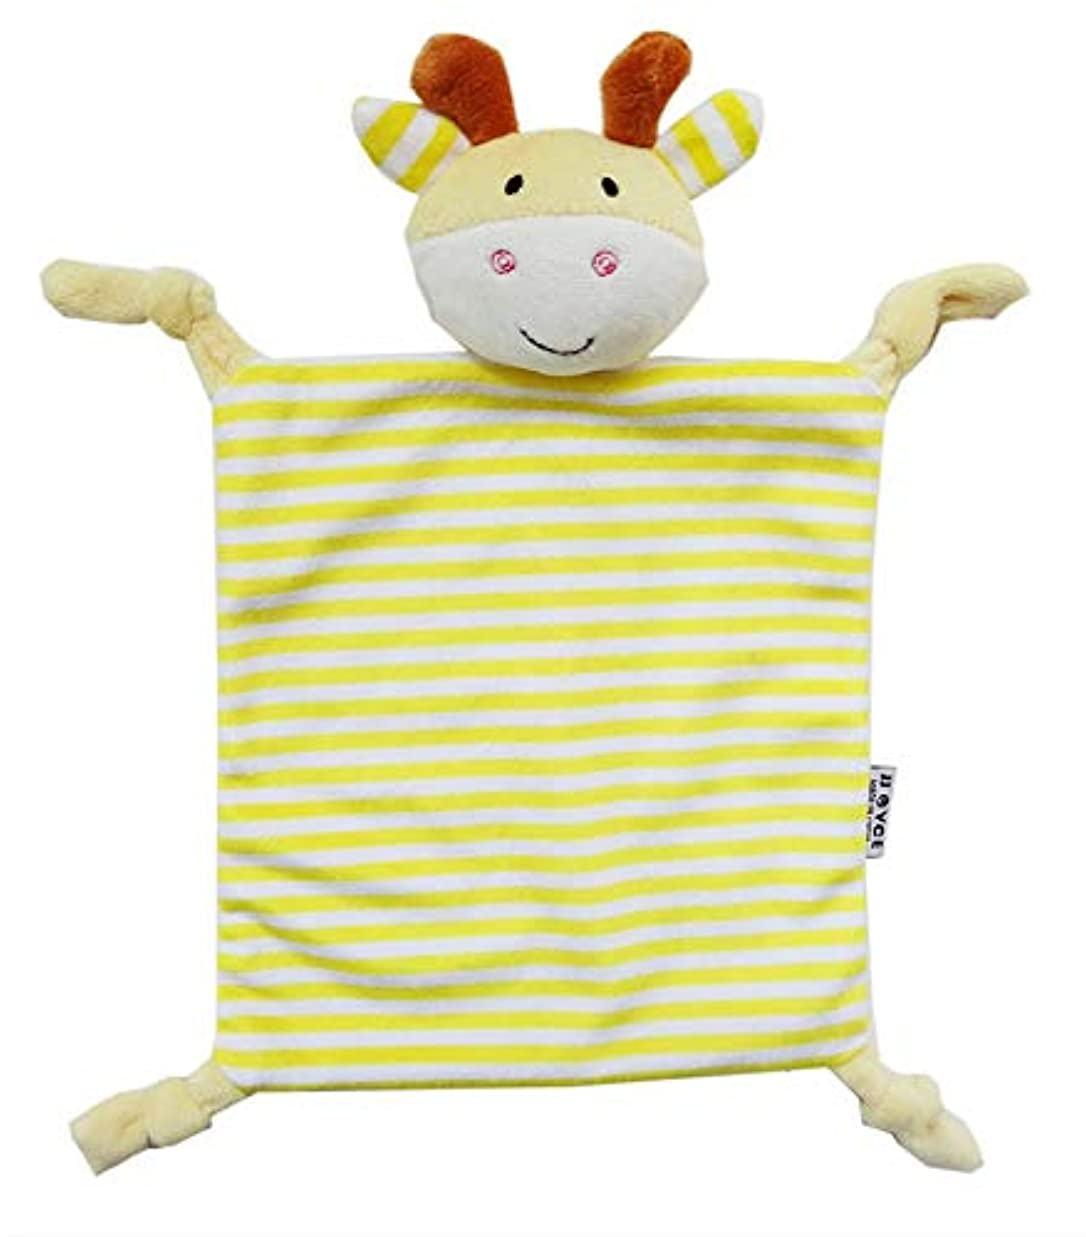 アベニューまぶしさ単語ベビー用癒しタオル ぬいぐるみタオル キッズ用抱っこタオル 抱っこ毛布 安心毛布 寝かしつけ用 赤ちゃんタオル おしゃぶり 癒し 可愛い動物 ふわふわ お出産祝い お出かけ (鹿)